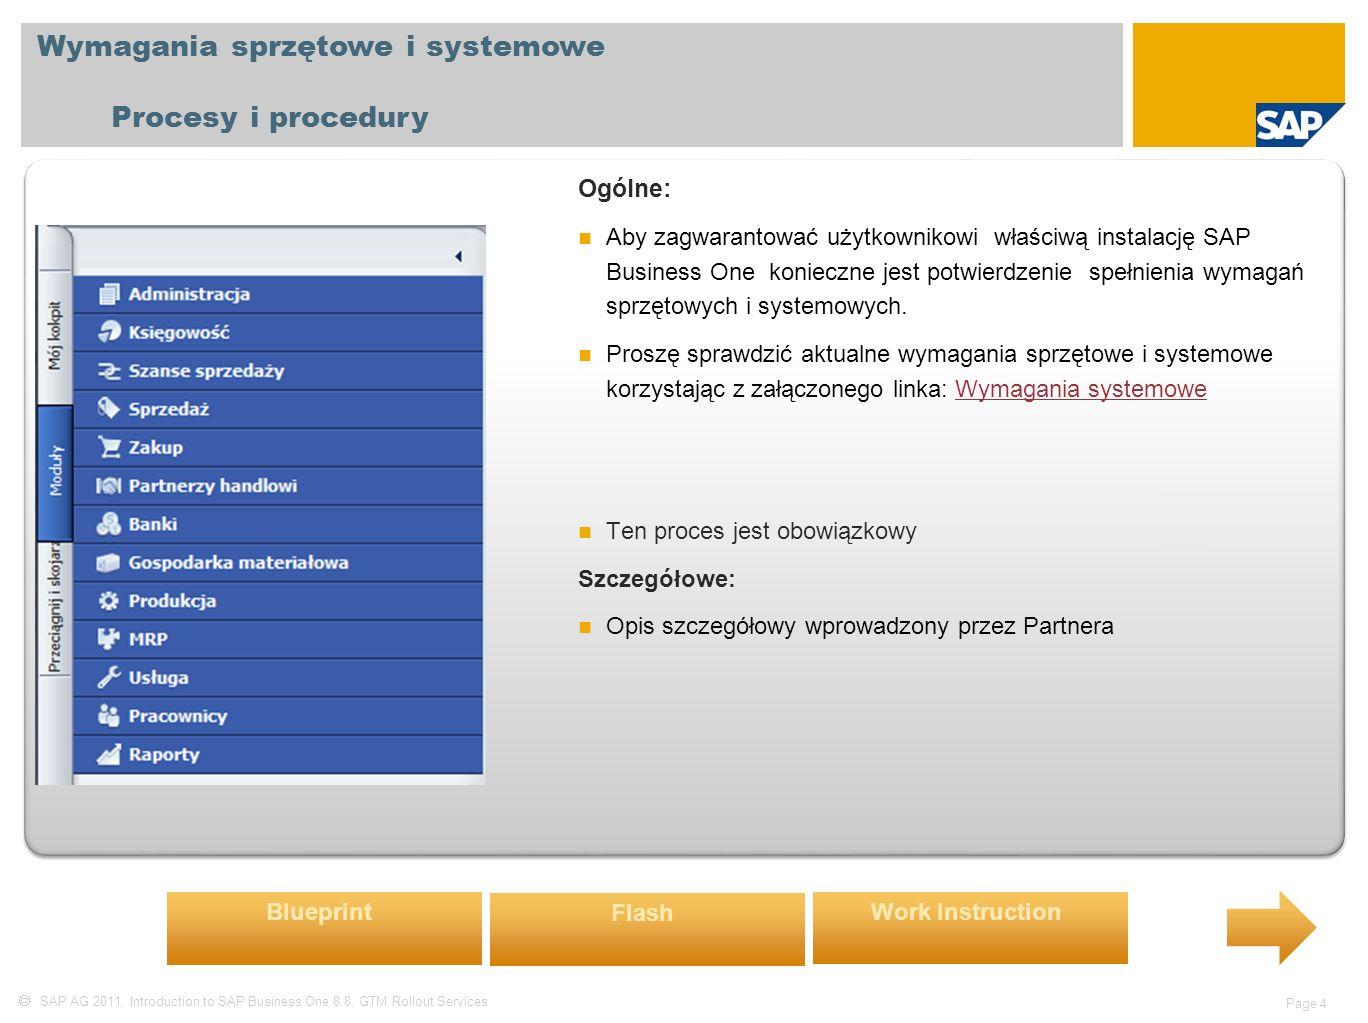  SAP AG 2011, Introduction to SAP Business One 8.8, GTM Rollout Services Page 5 Instalacja serwera SAP Business One Procesy i procedury Ogólne: Szczegółowe informacje dotyczące realizacji procedury instalacji servera SAP Business One zawarte są w dokumencie SAP Business One installation guide.